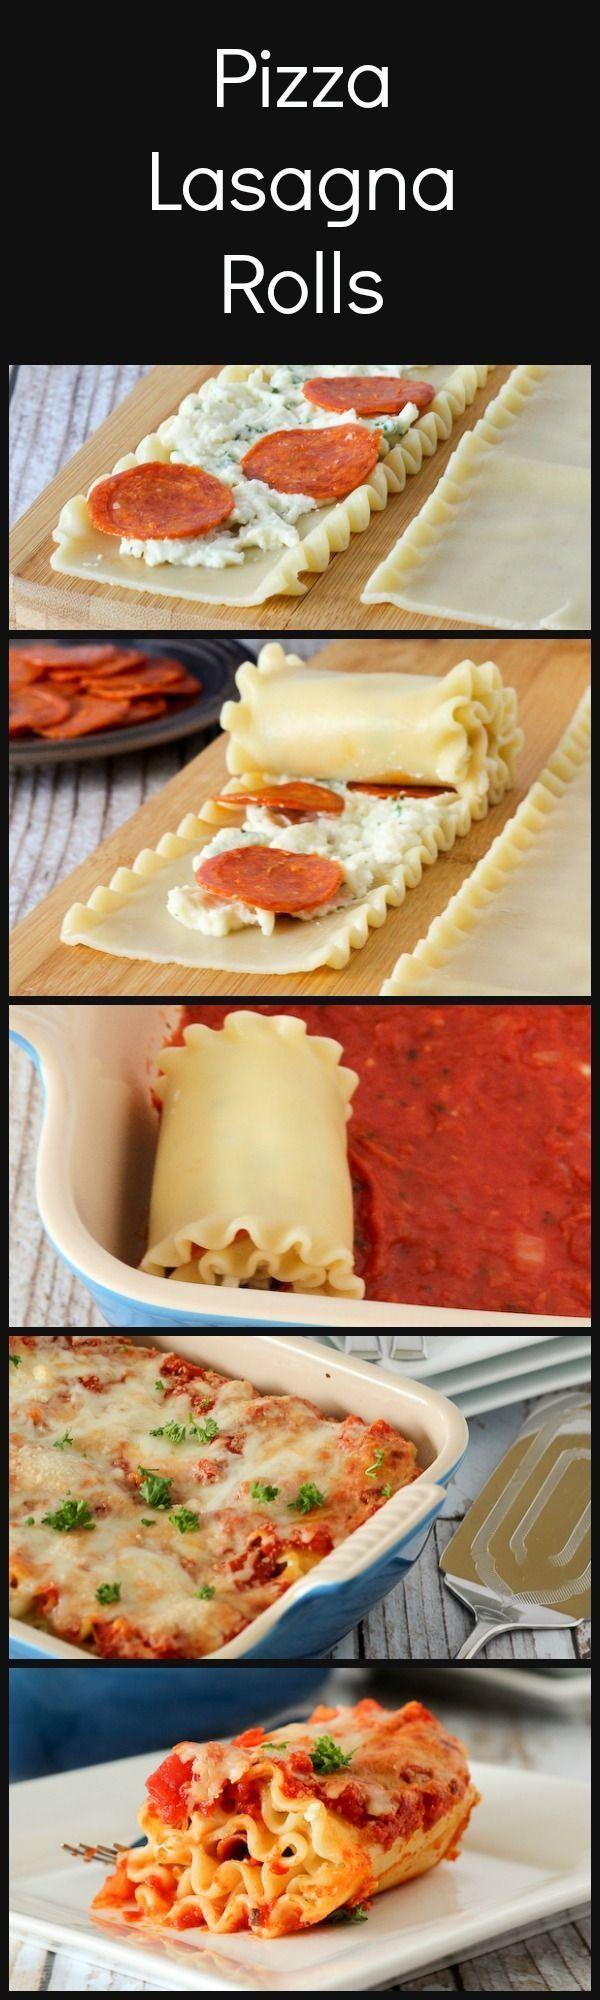 Pizza Lasagna Rolls baking recipe recipes ingredients instructions easy recipes dinner recipes diy ideas diy food lasagna food tutorials